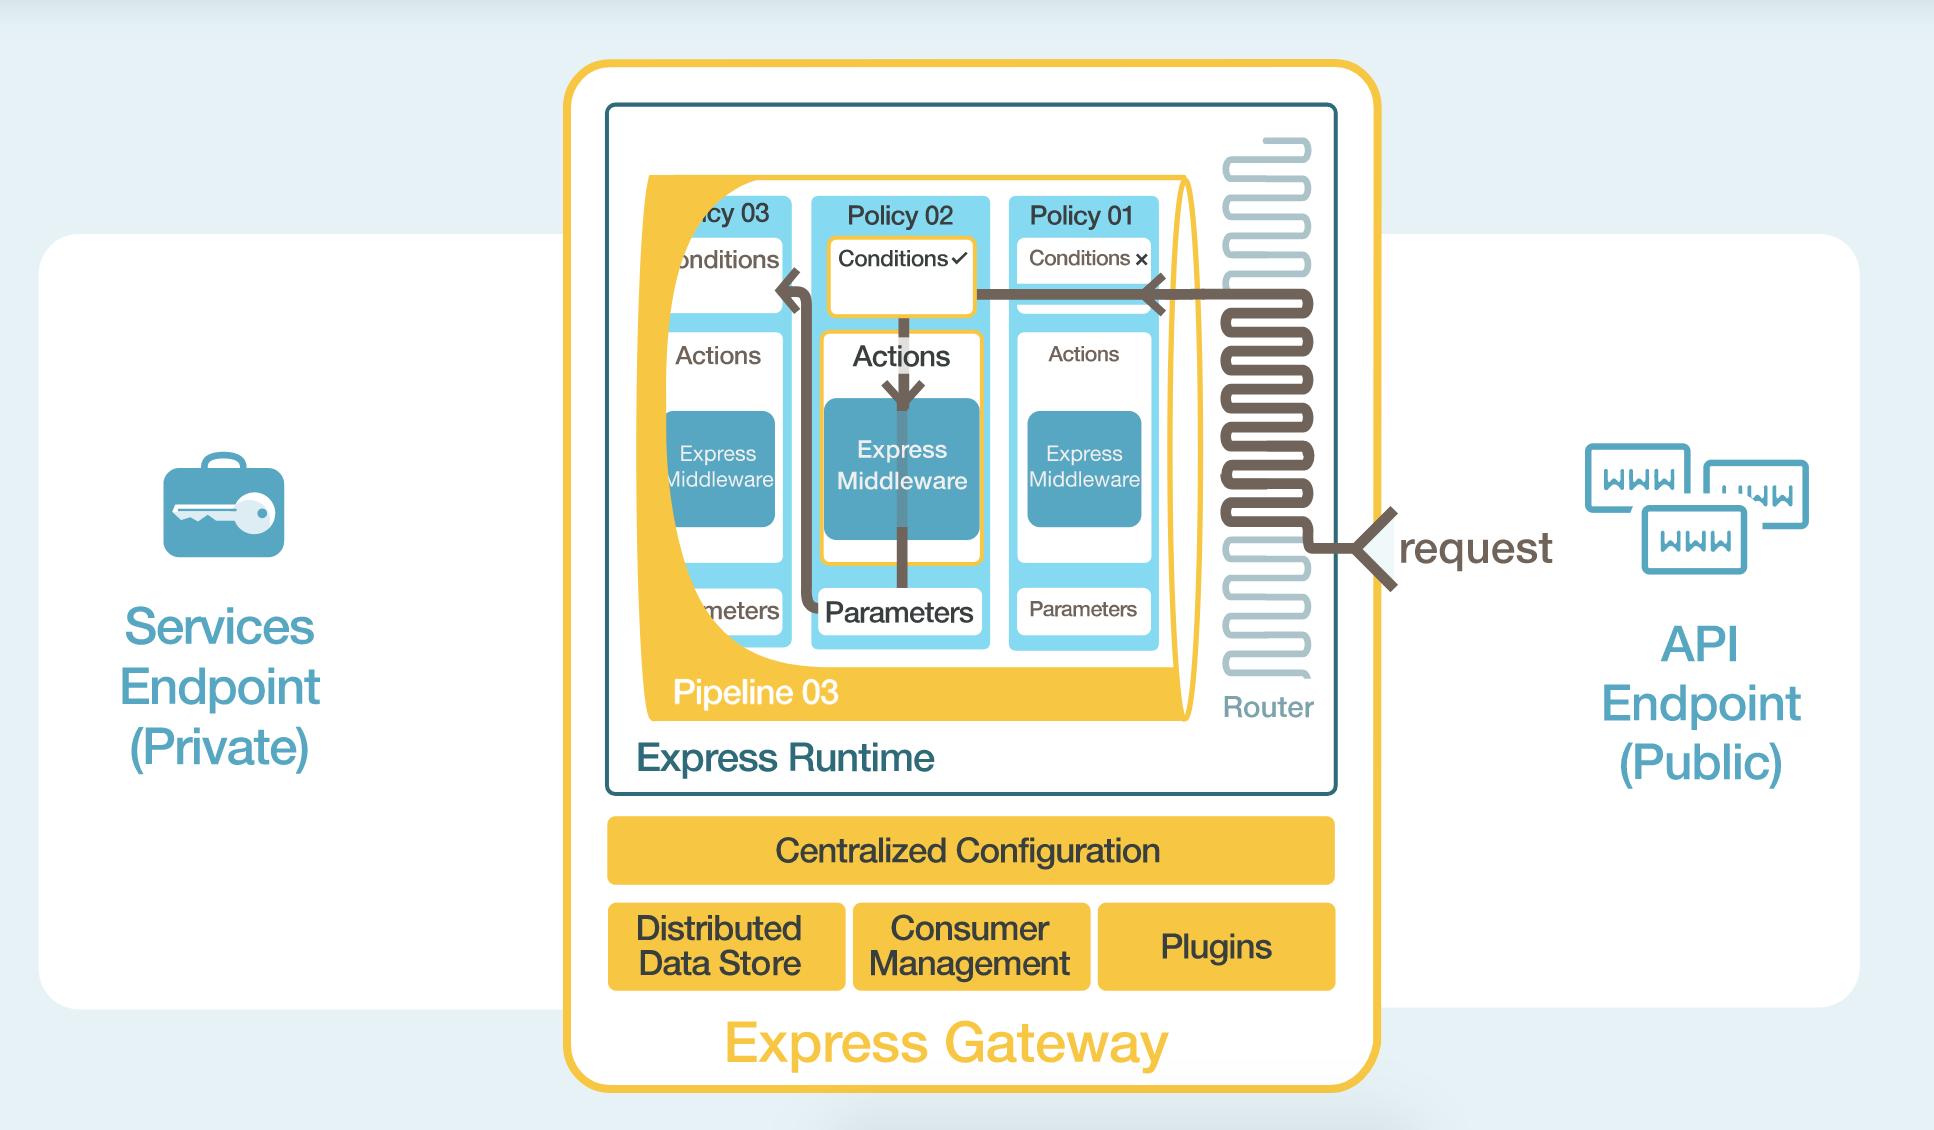 Express Gateway Diagram